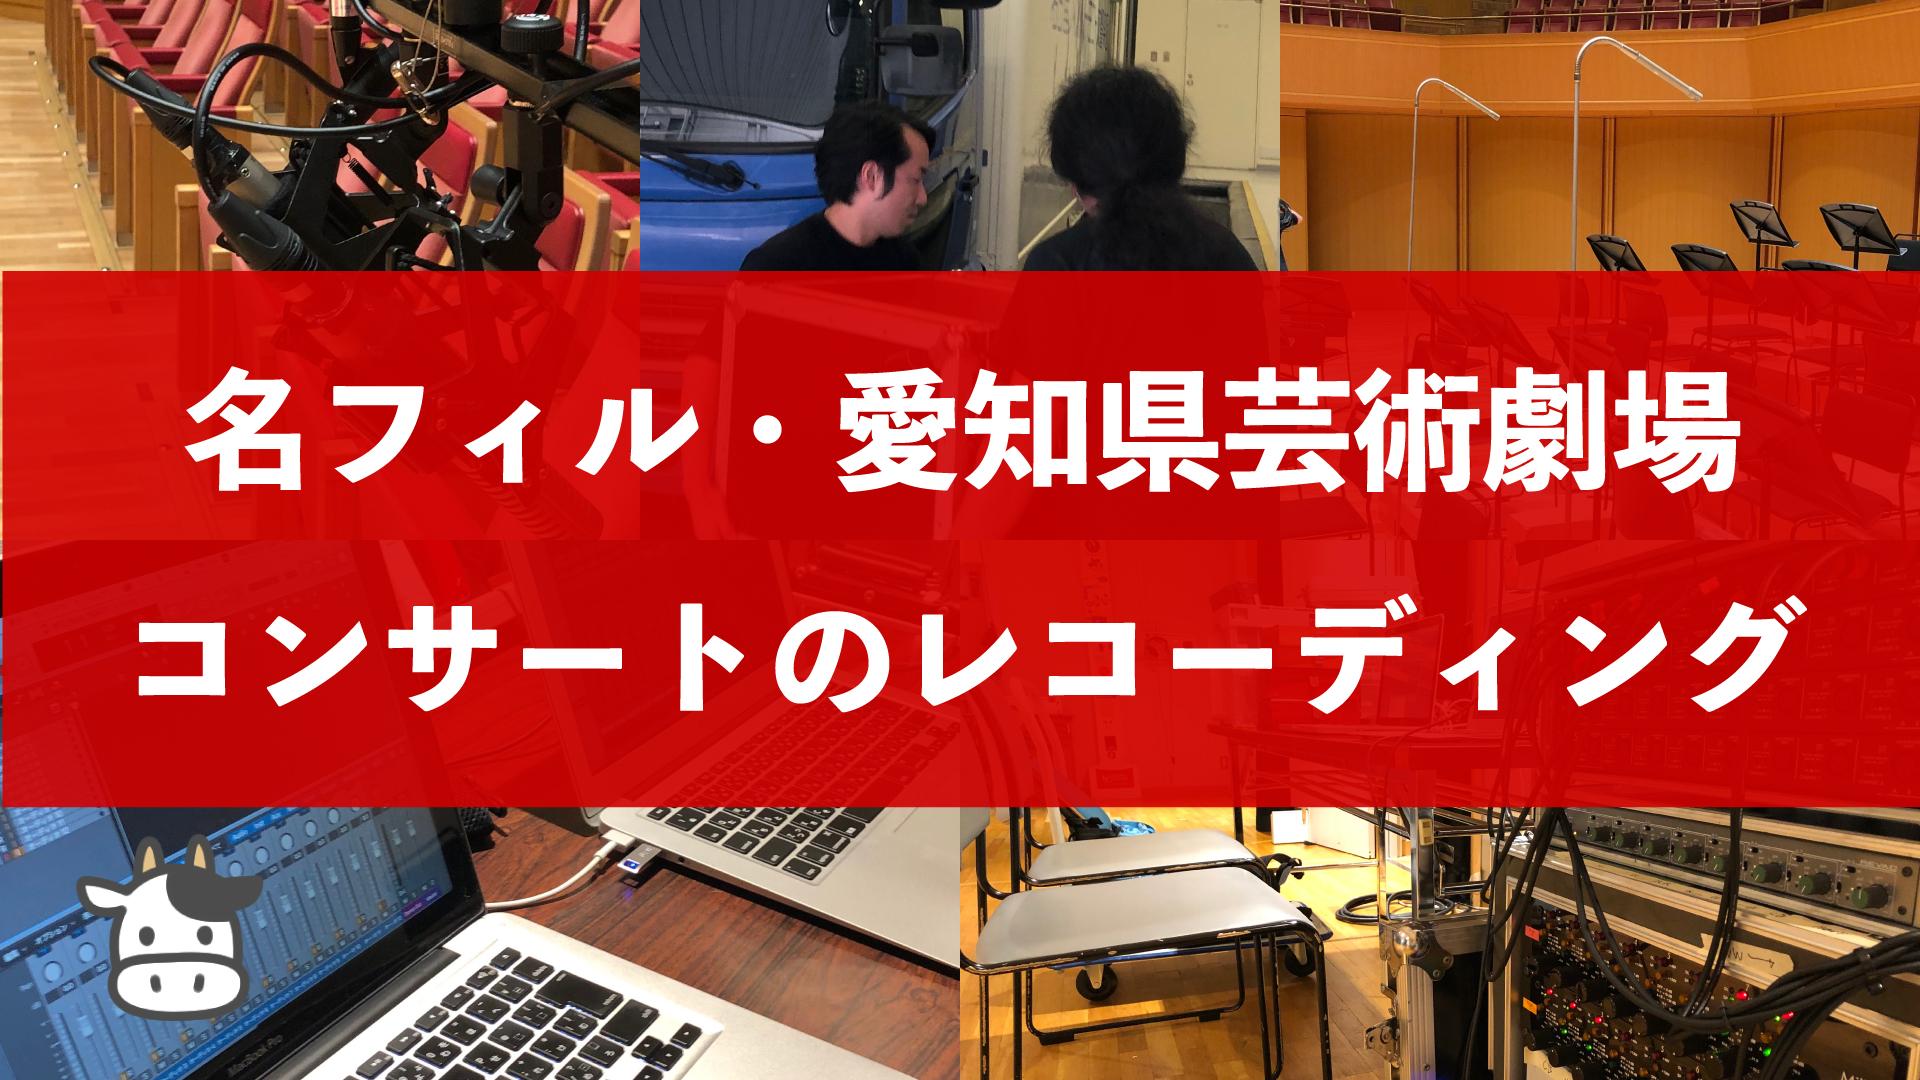 名フィル・愛知県芸術劇場・コンサートのレコーディング